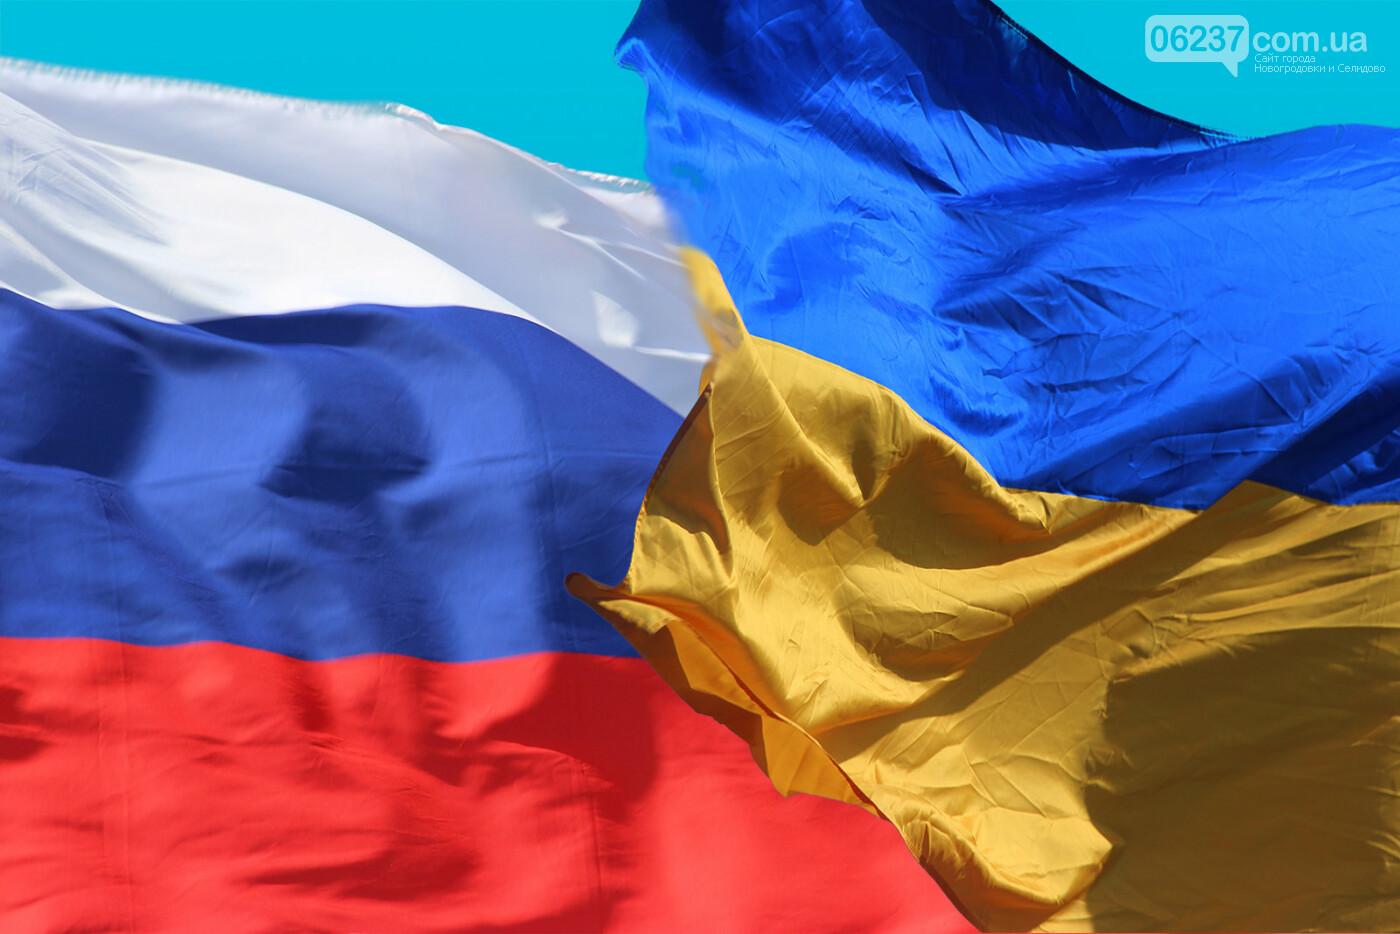 Россия согласилась выплатить Украине 3 млрд газового долга – Reuters, фото-1